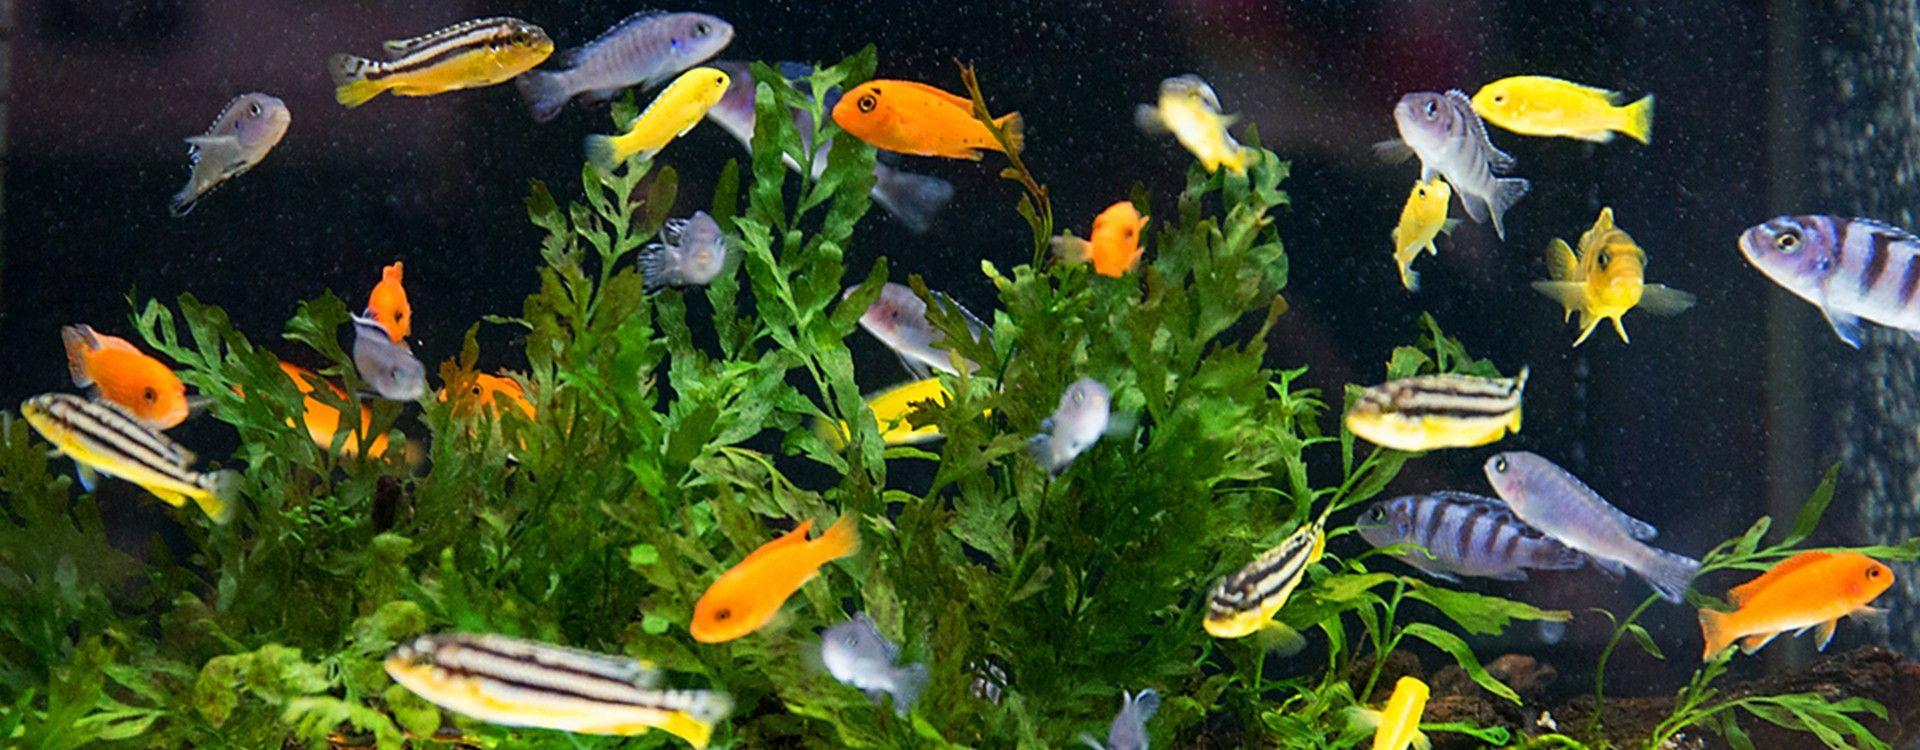 Karmienie ryb akwariowych – poznaj 6 podstawowych zasad.